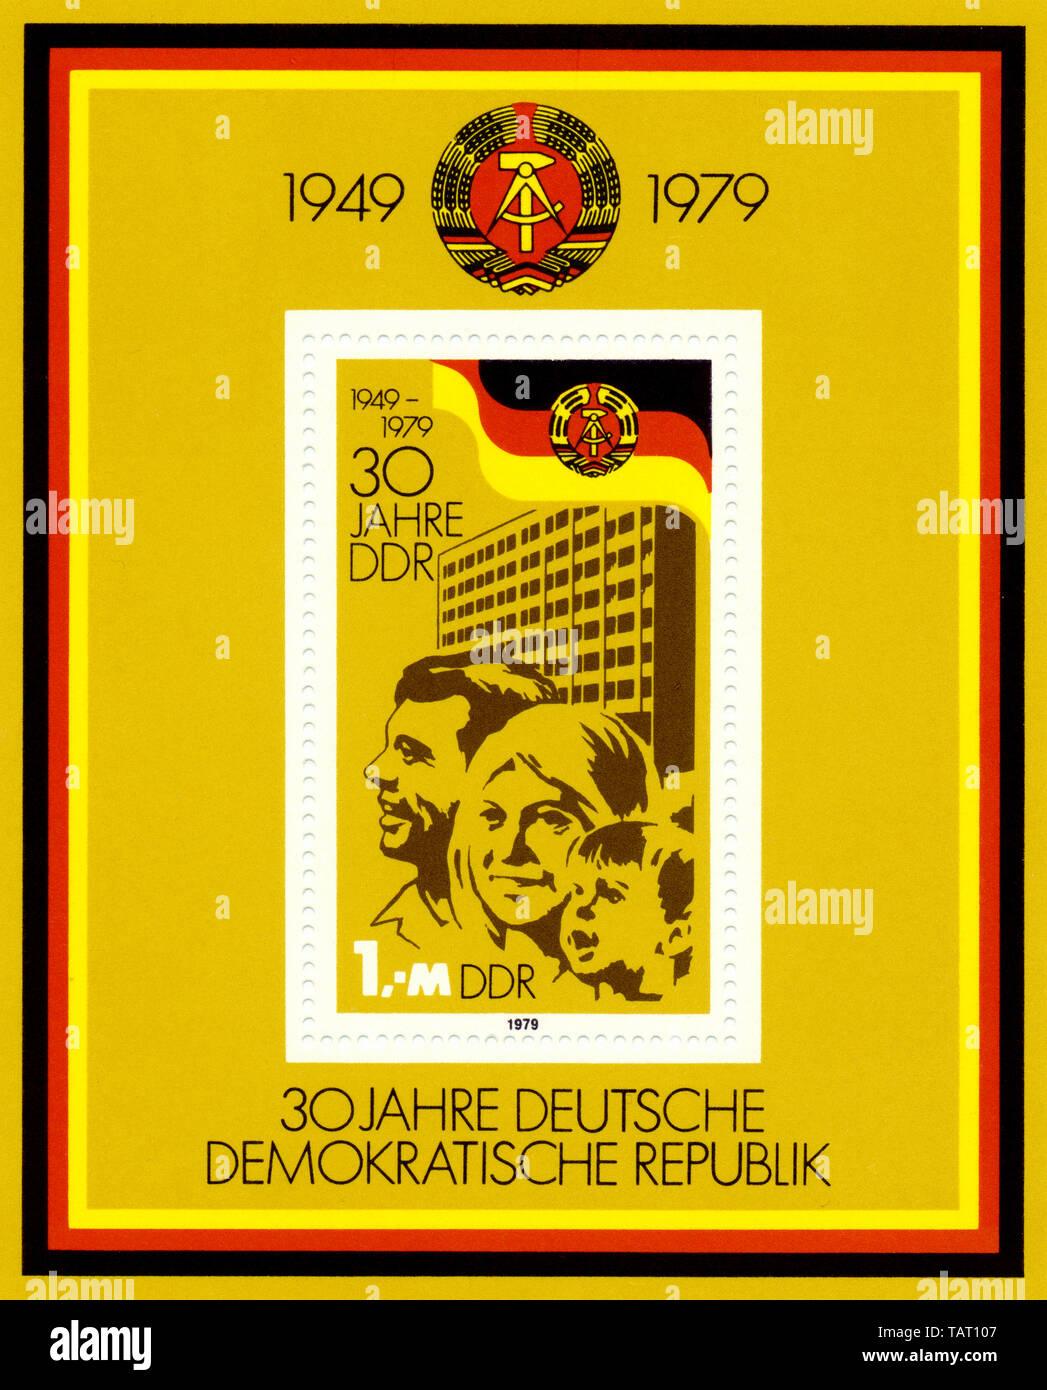 Historic postage stamps of the GDR, political motives, Historische Briefmarke der DDR, 30 Jahre Deutsche Demokratische Republik, 1979 - Stock Image